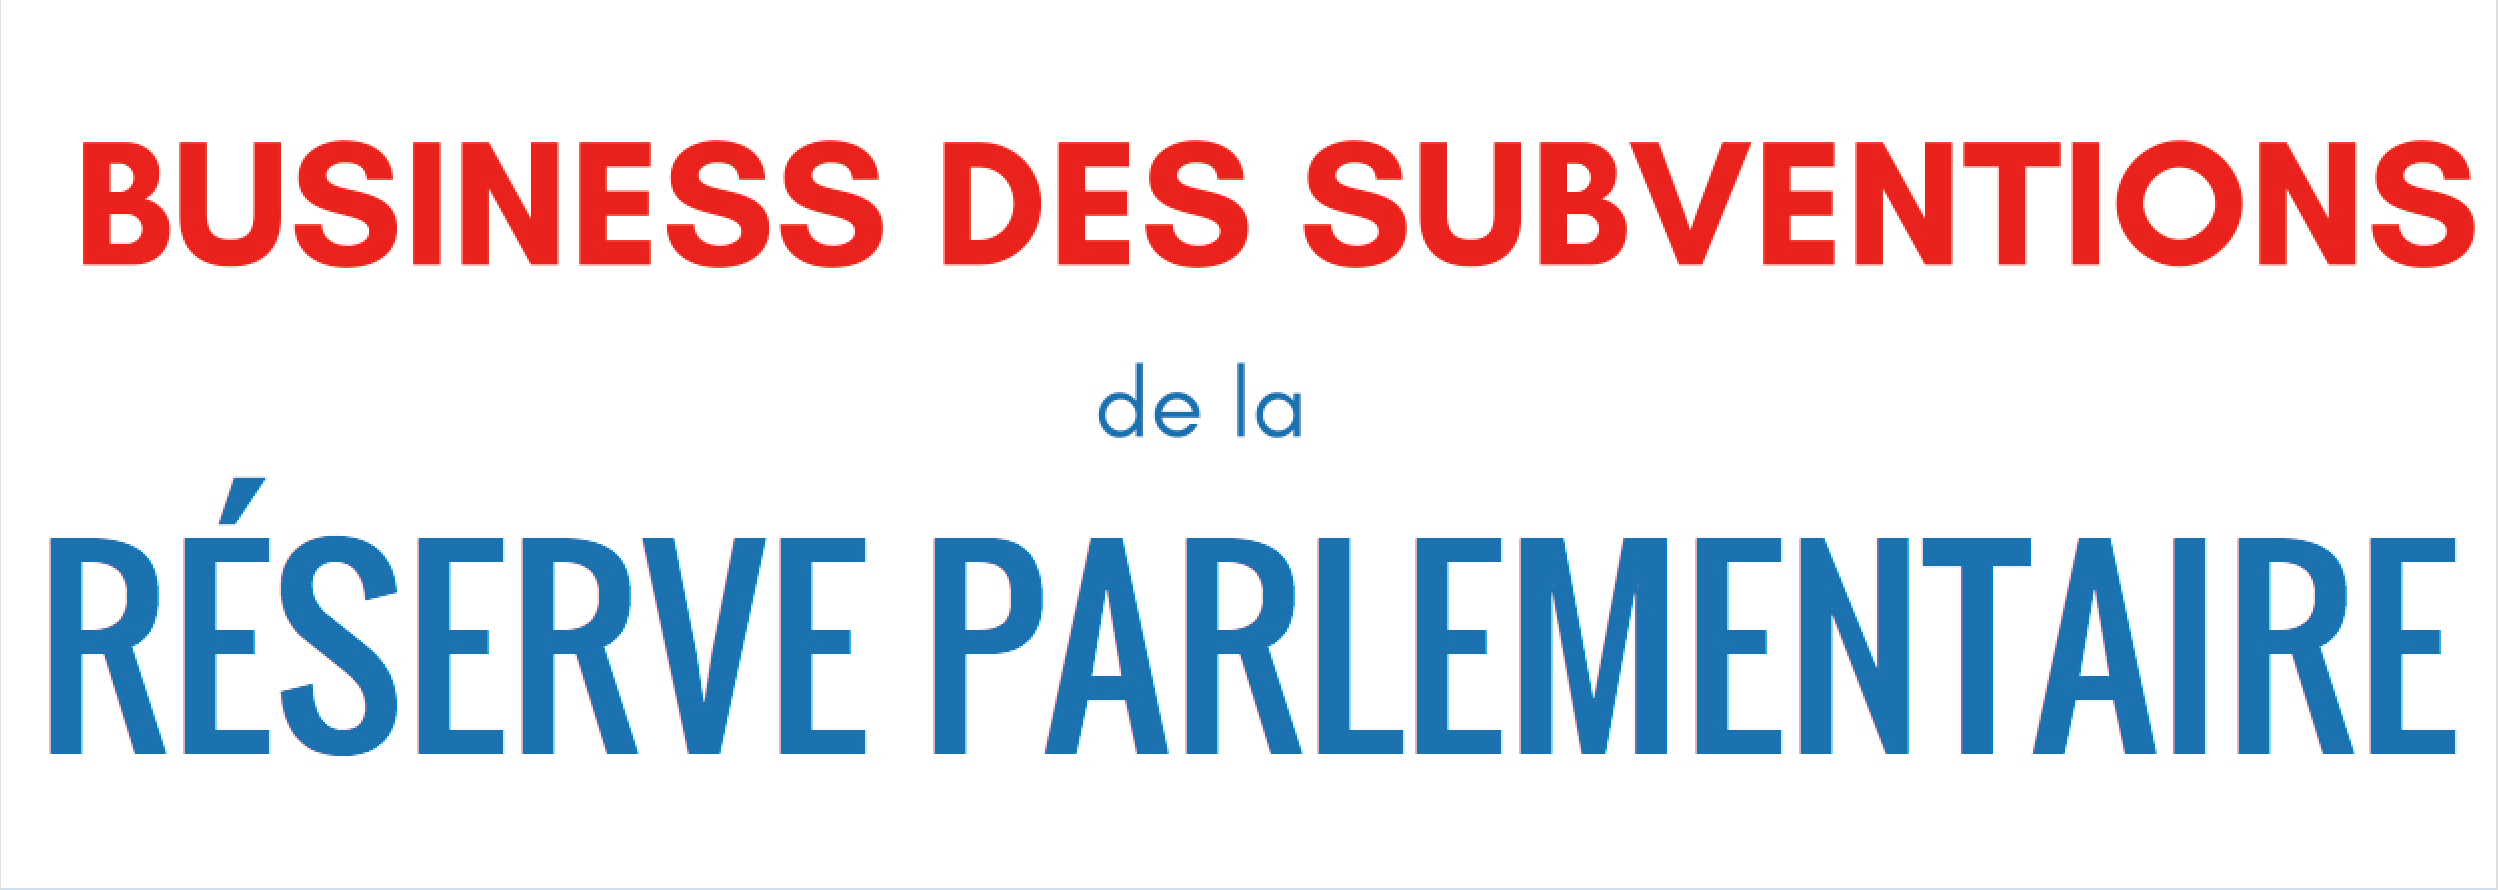 Etienne Chéron Business Subventions Réserve Parlementaire